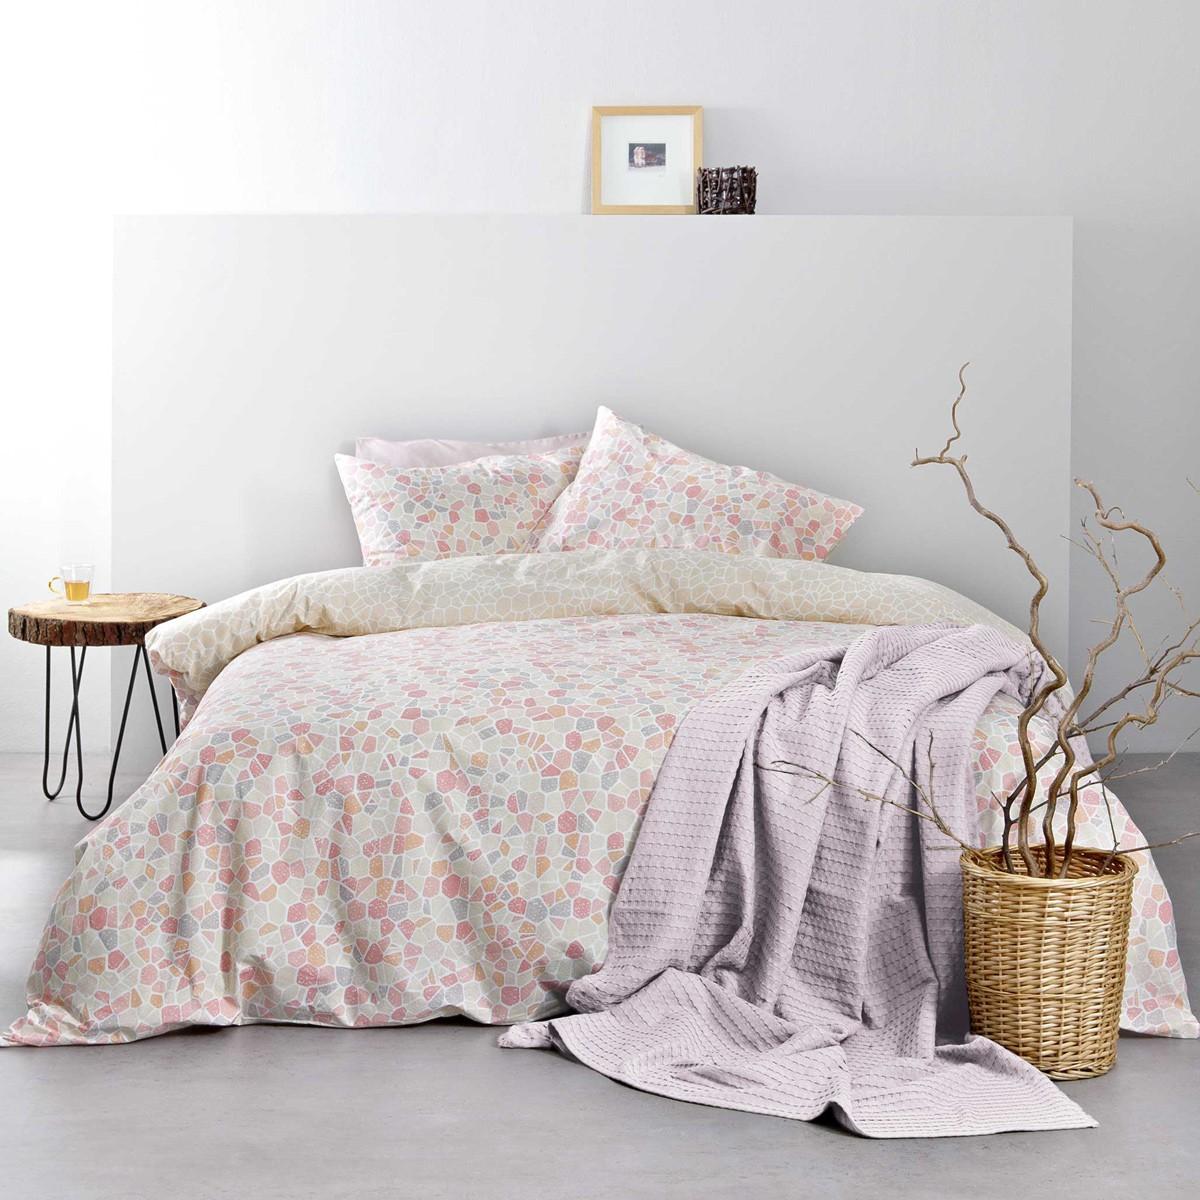 Σεντόνια Υπέρδιπλα (Σετ) Nima Bed Linen Boracay Pink ΜΕ ΛΑΣΤΙΧΟ ΜΕ ΛΑΣΤΙΧΟ